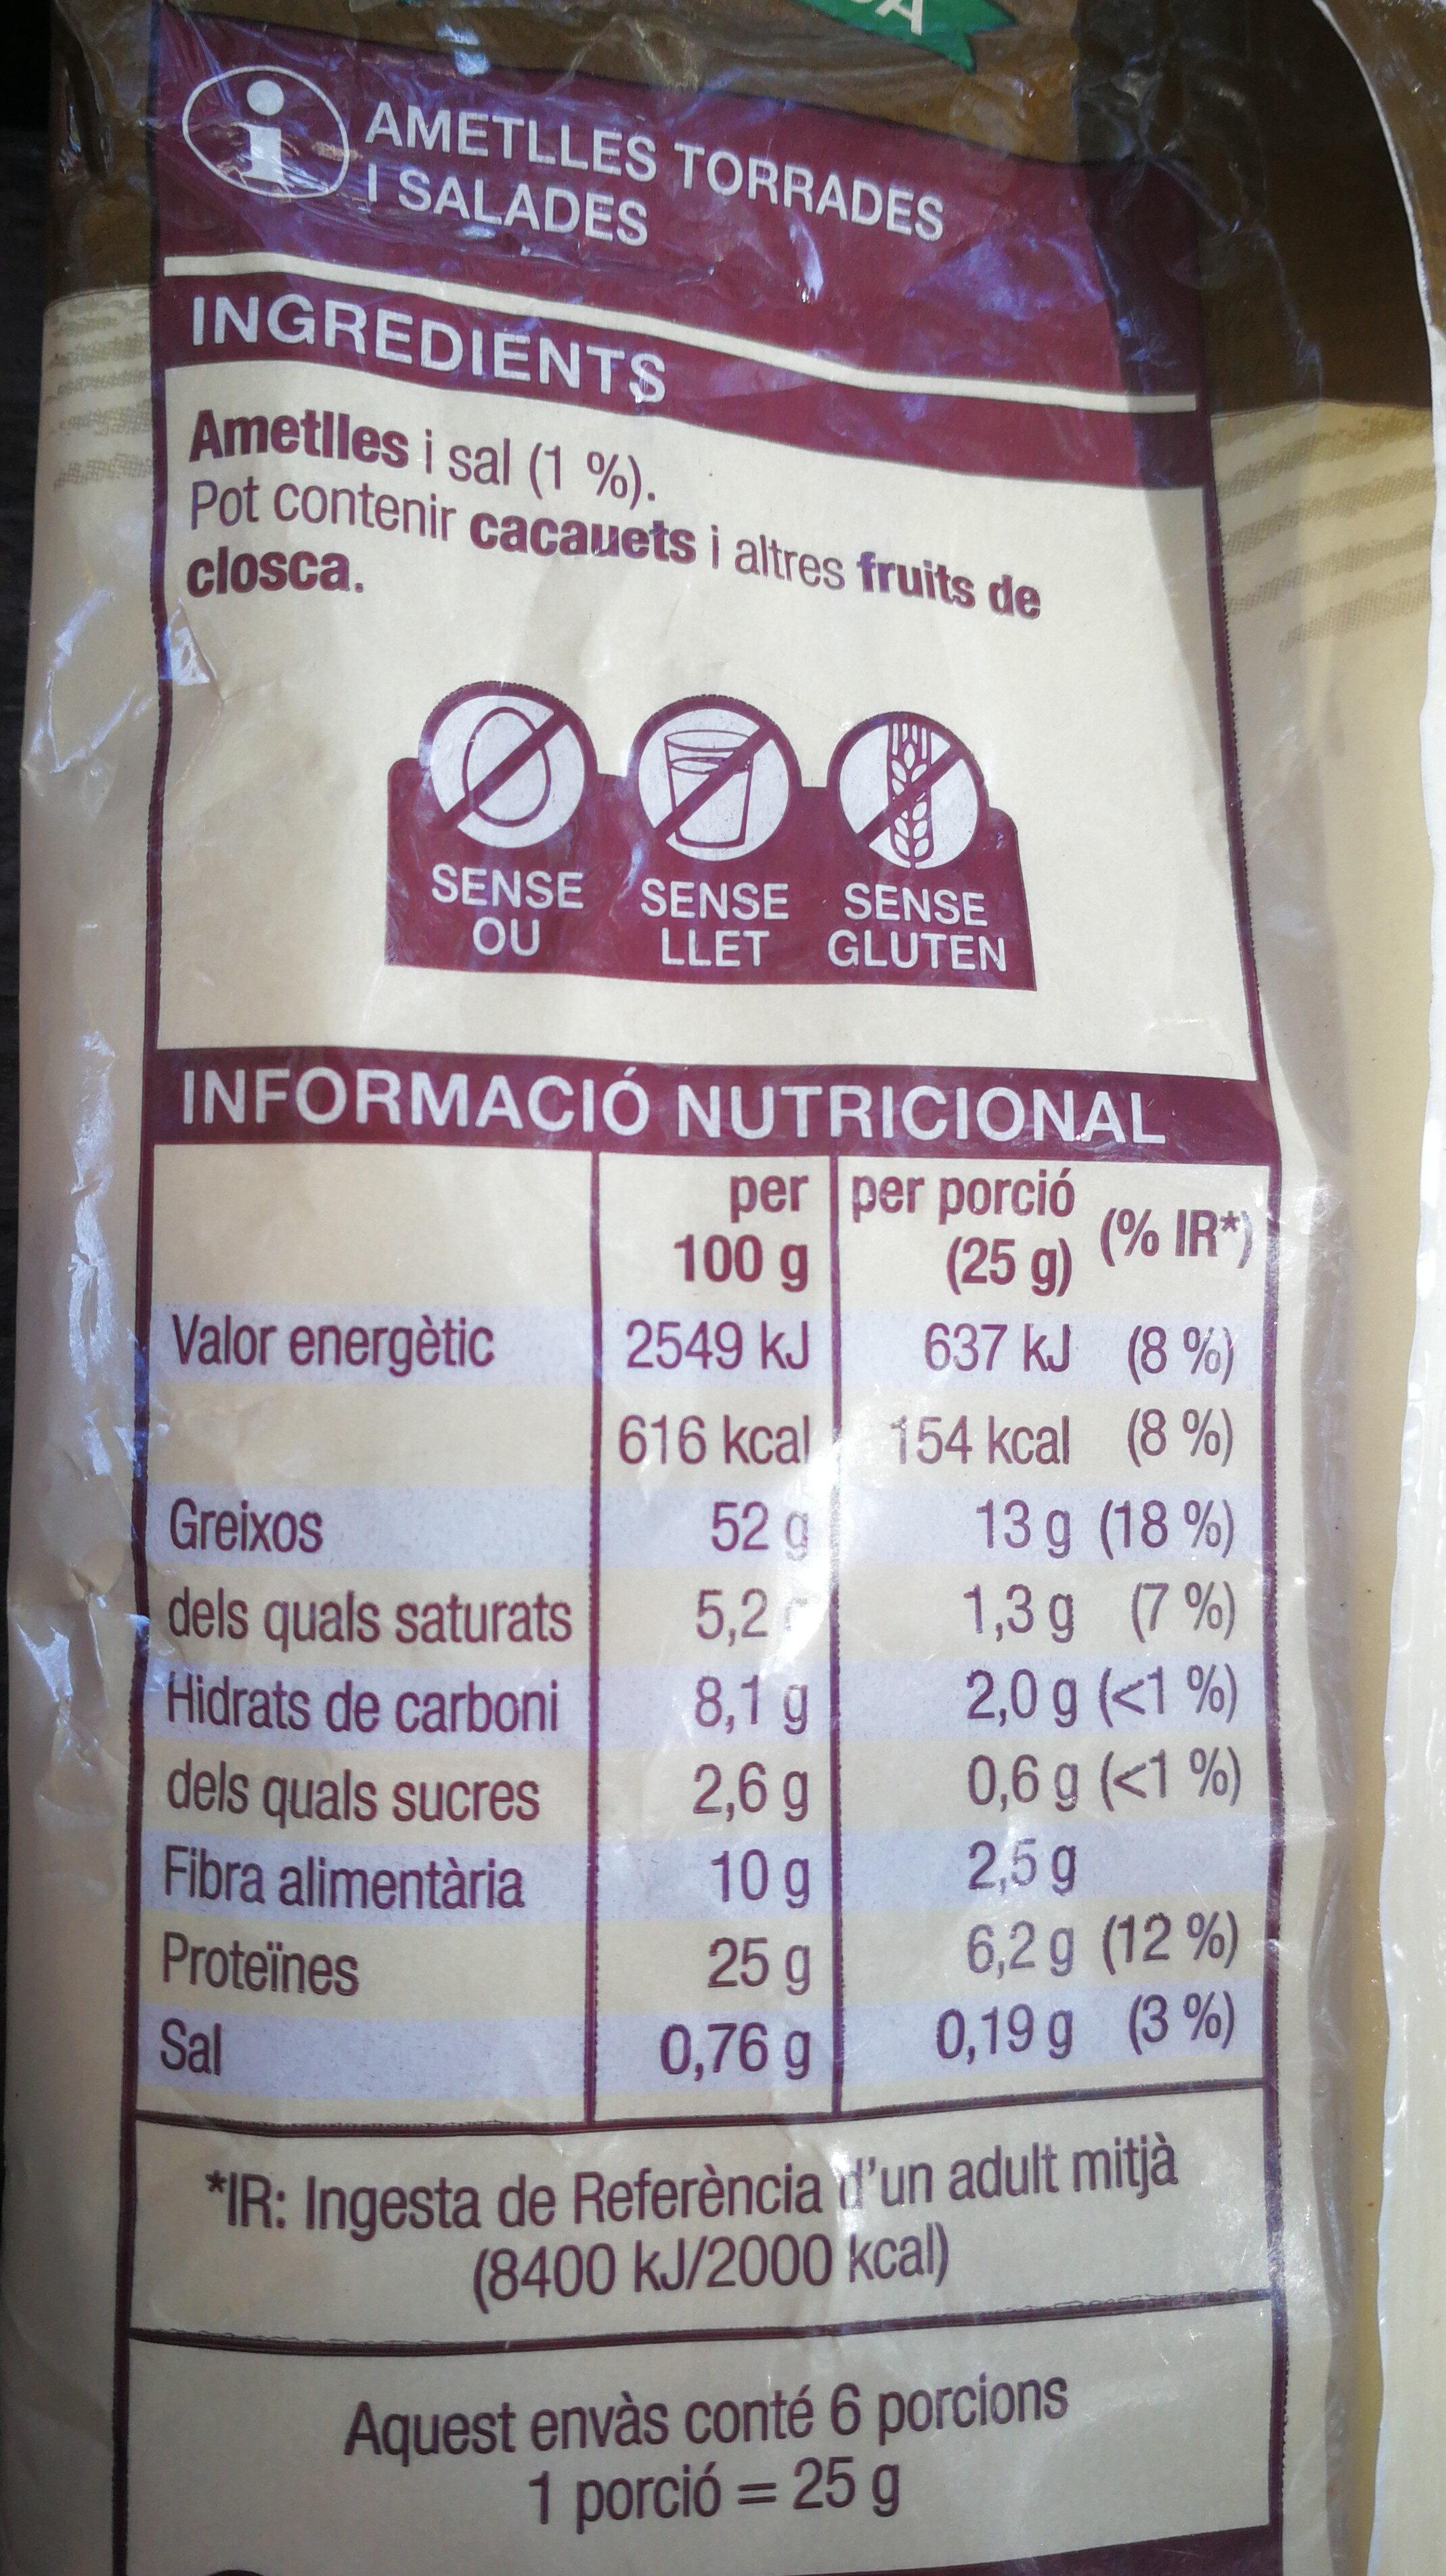 ametlles torrades i salades - Información nutricional - ca